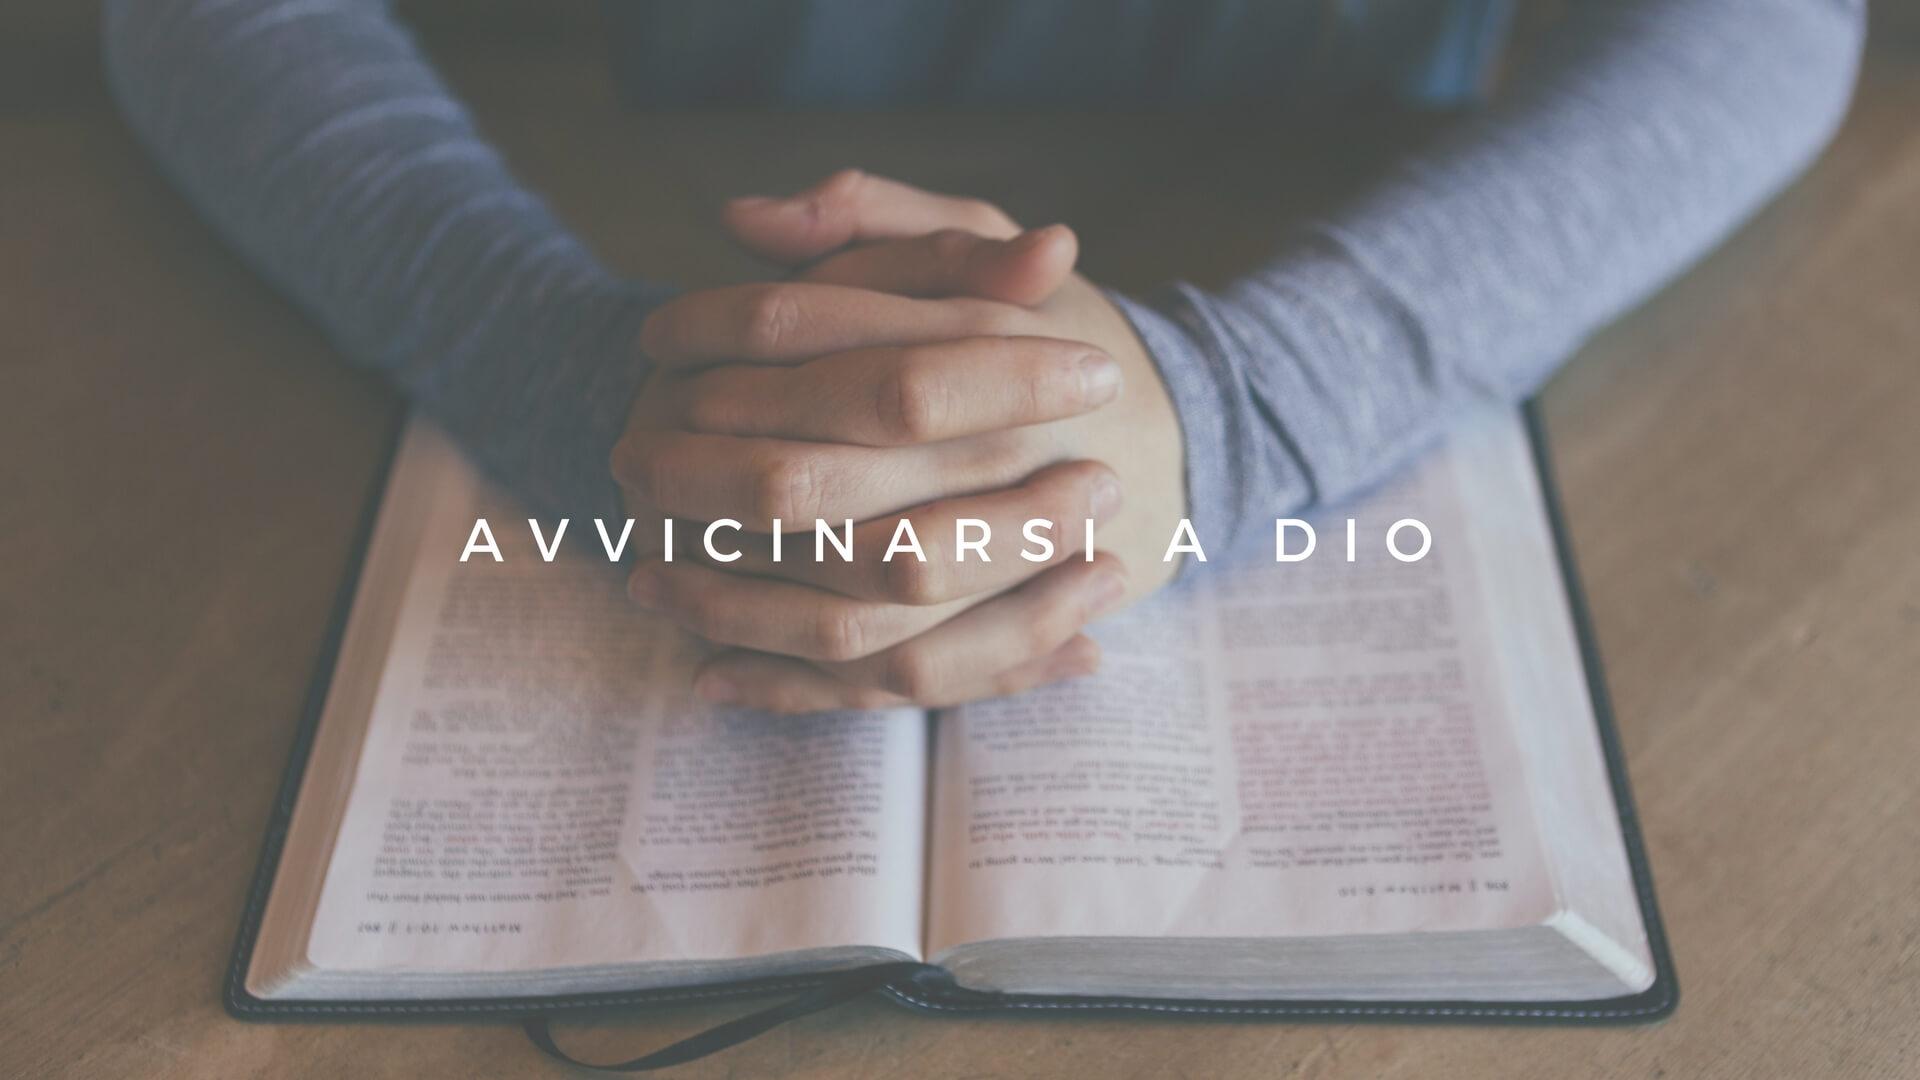 AVVICINARSI A DIO